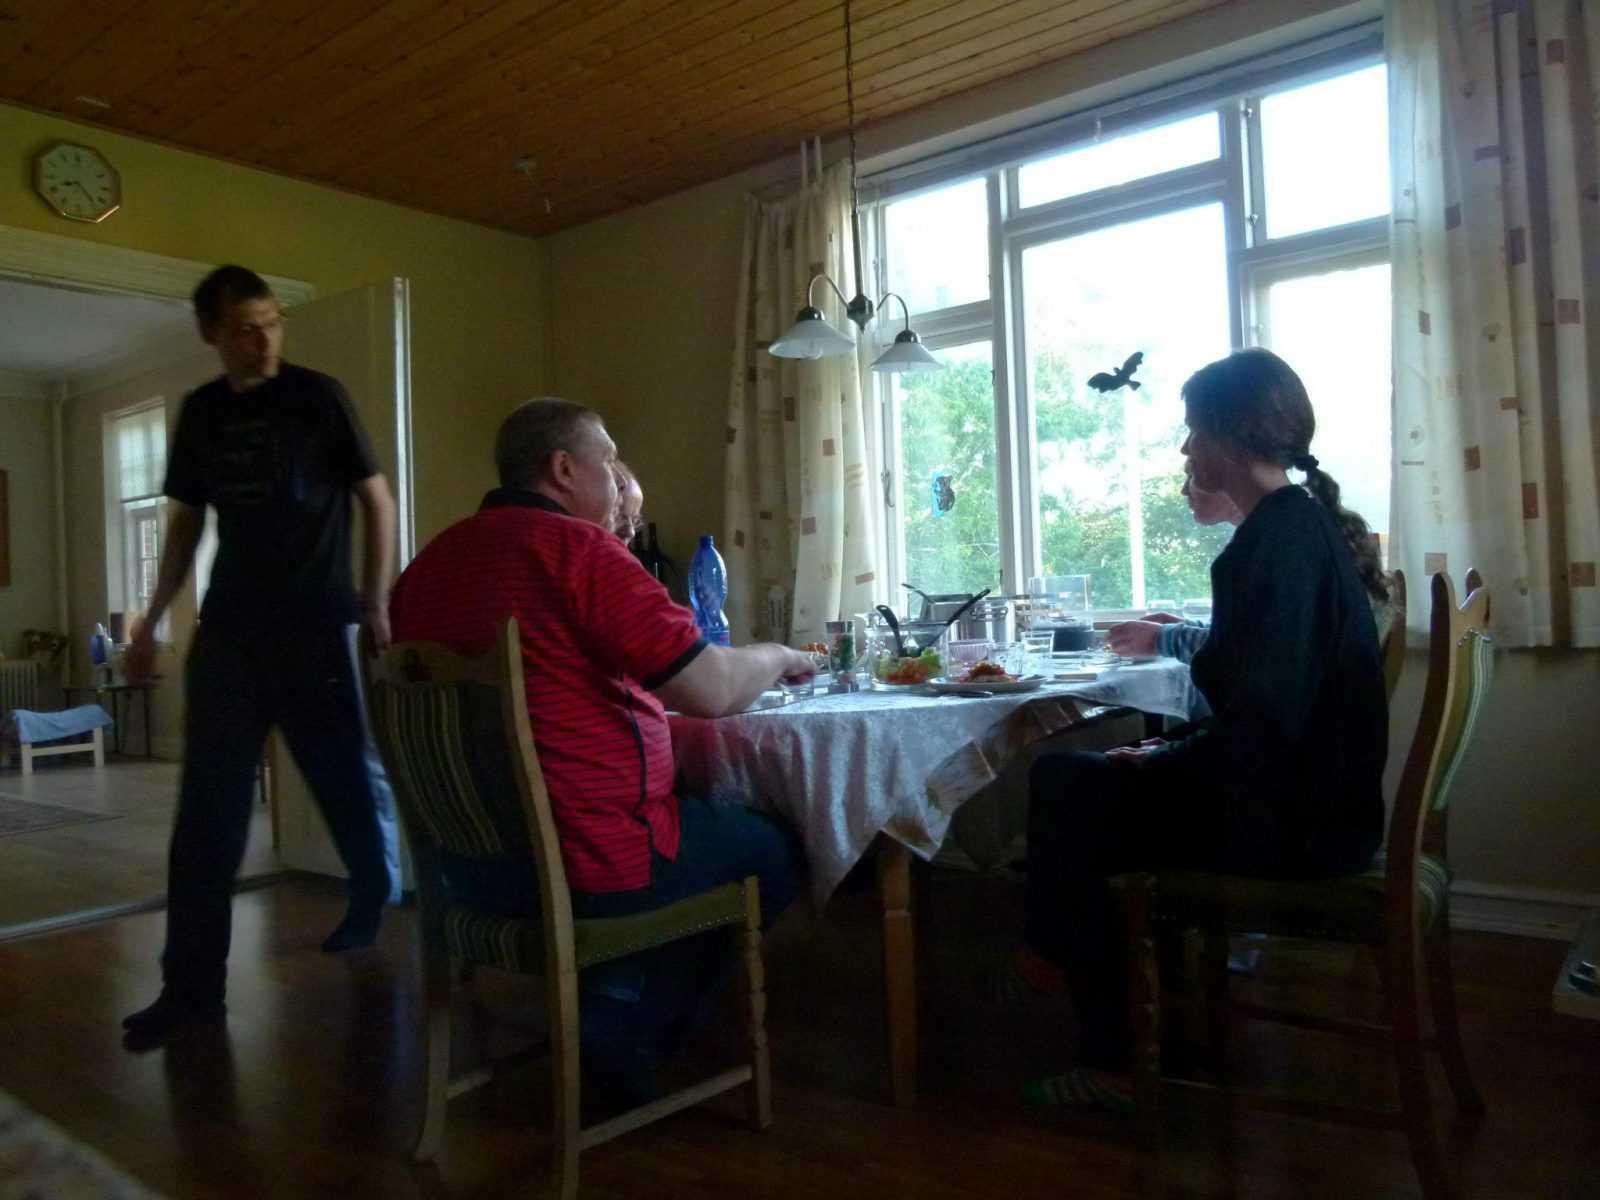 BBC 20 220712 064 - 20-22/7 2012